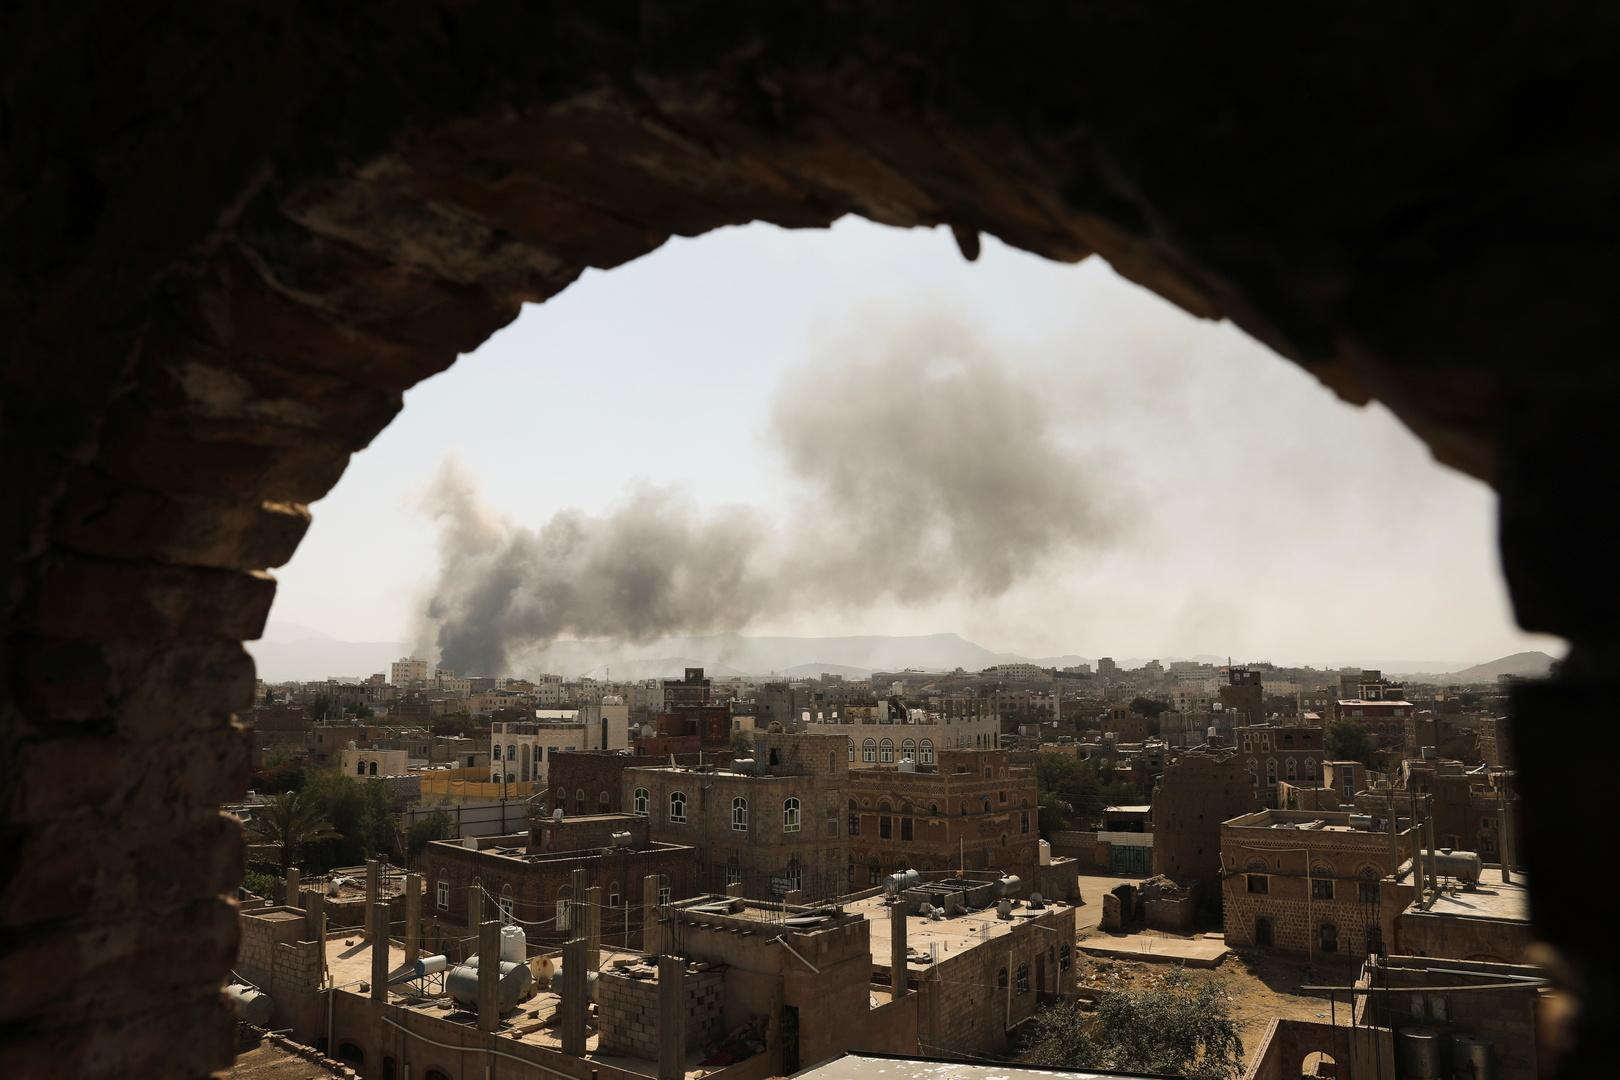 التحالف العربي يعترض ويدمر طائرة مسيرة مفخخة أطلقها الحوثيون